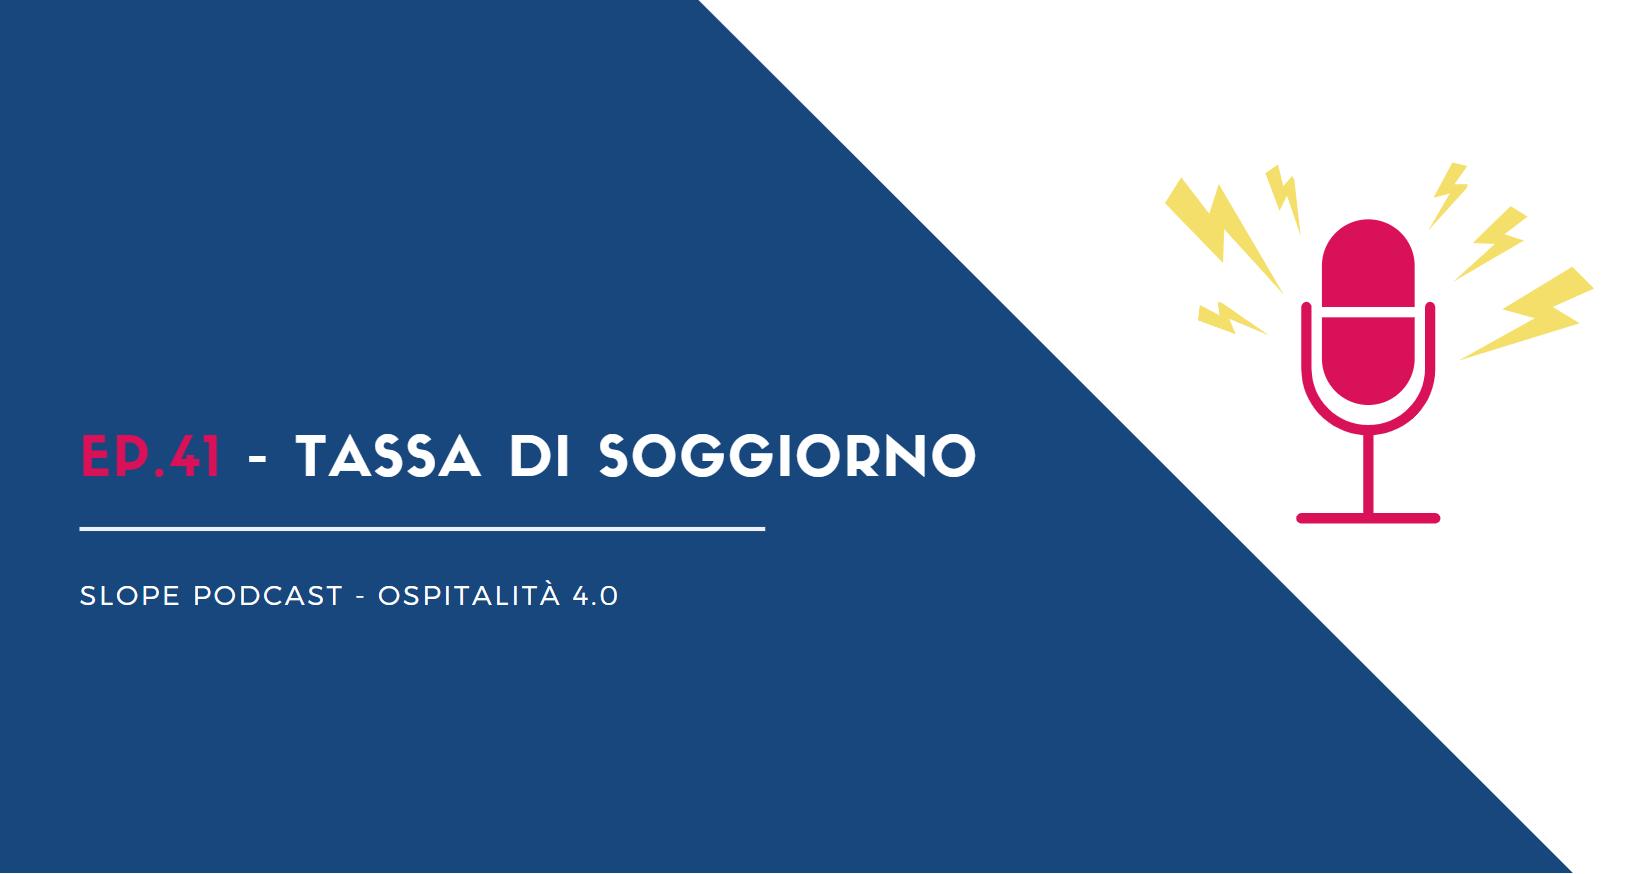 Podcast Ospitalità 4.0 • Slope